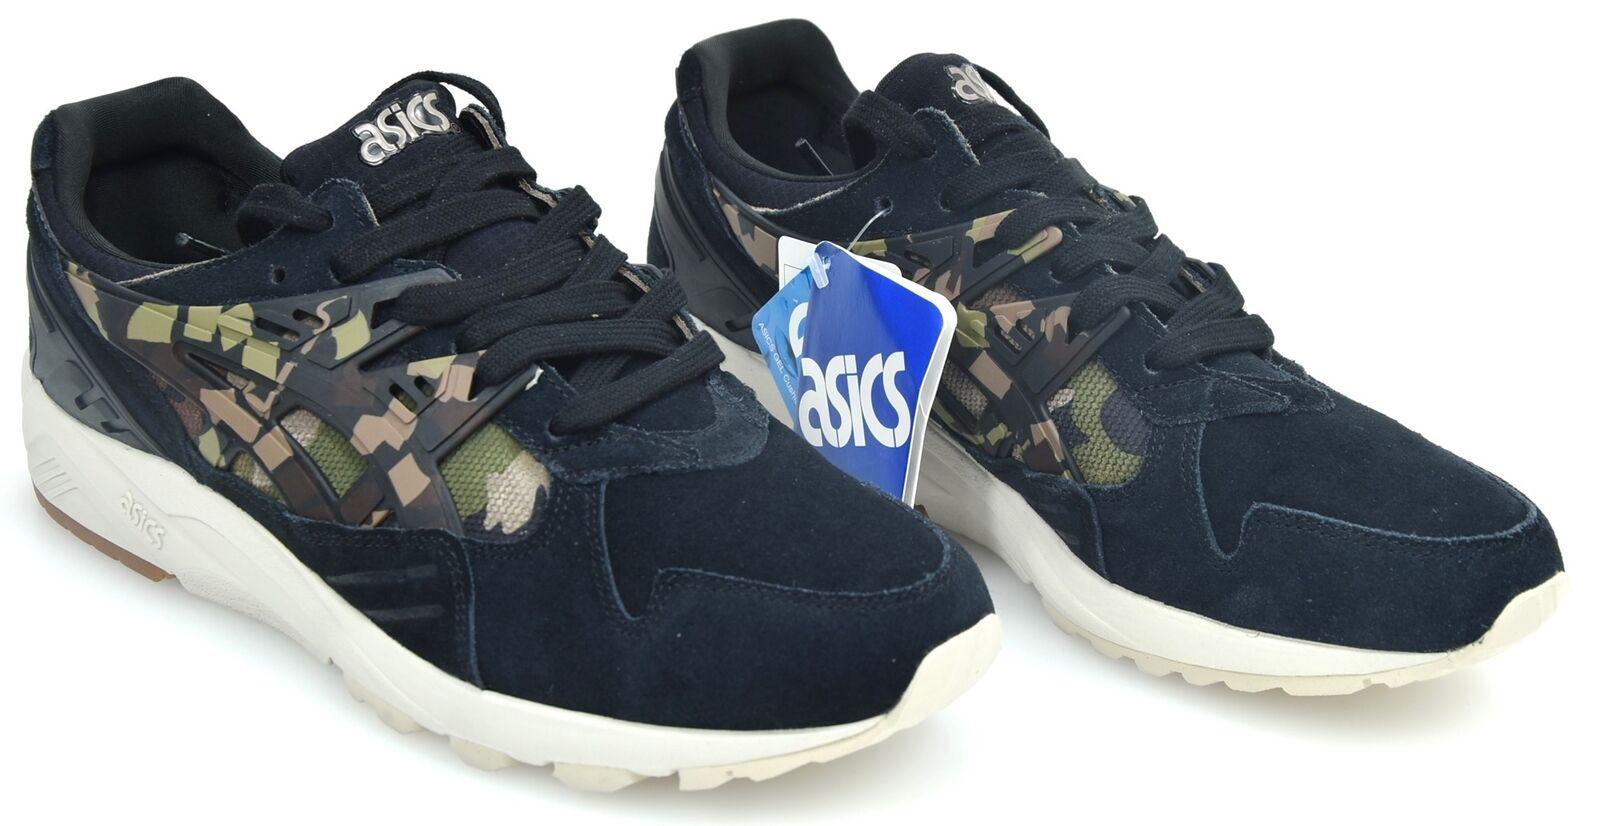 Asics mann zeit casual sneaker schuhe wildleder code hl7c1 gel-kayano trainer